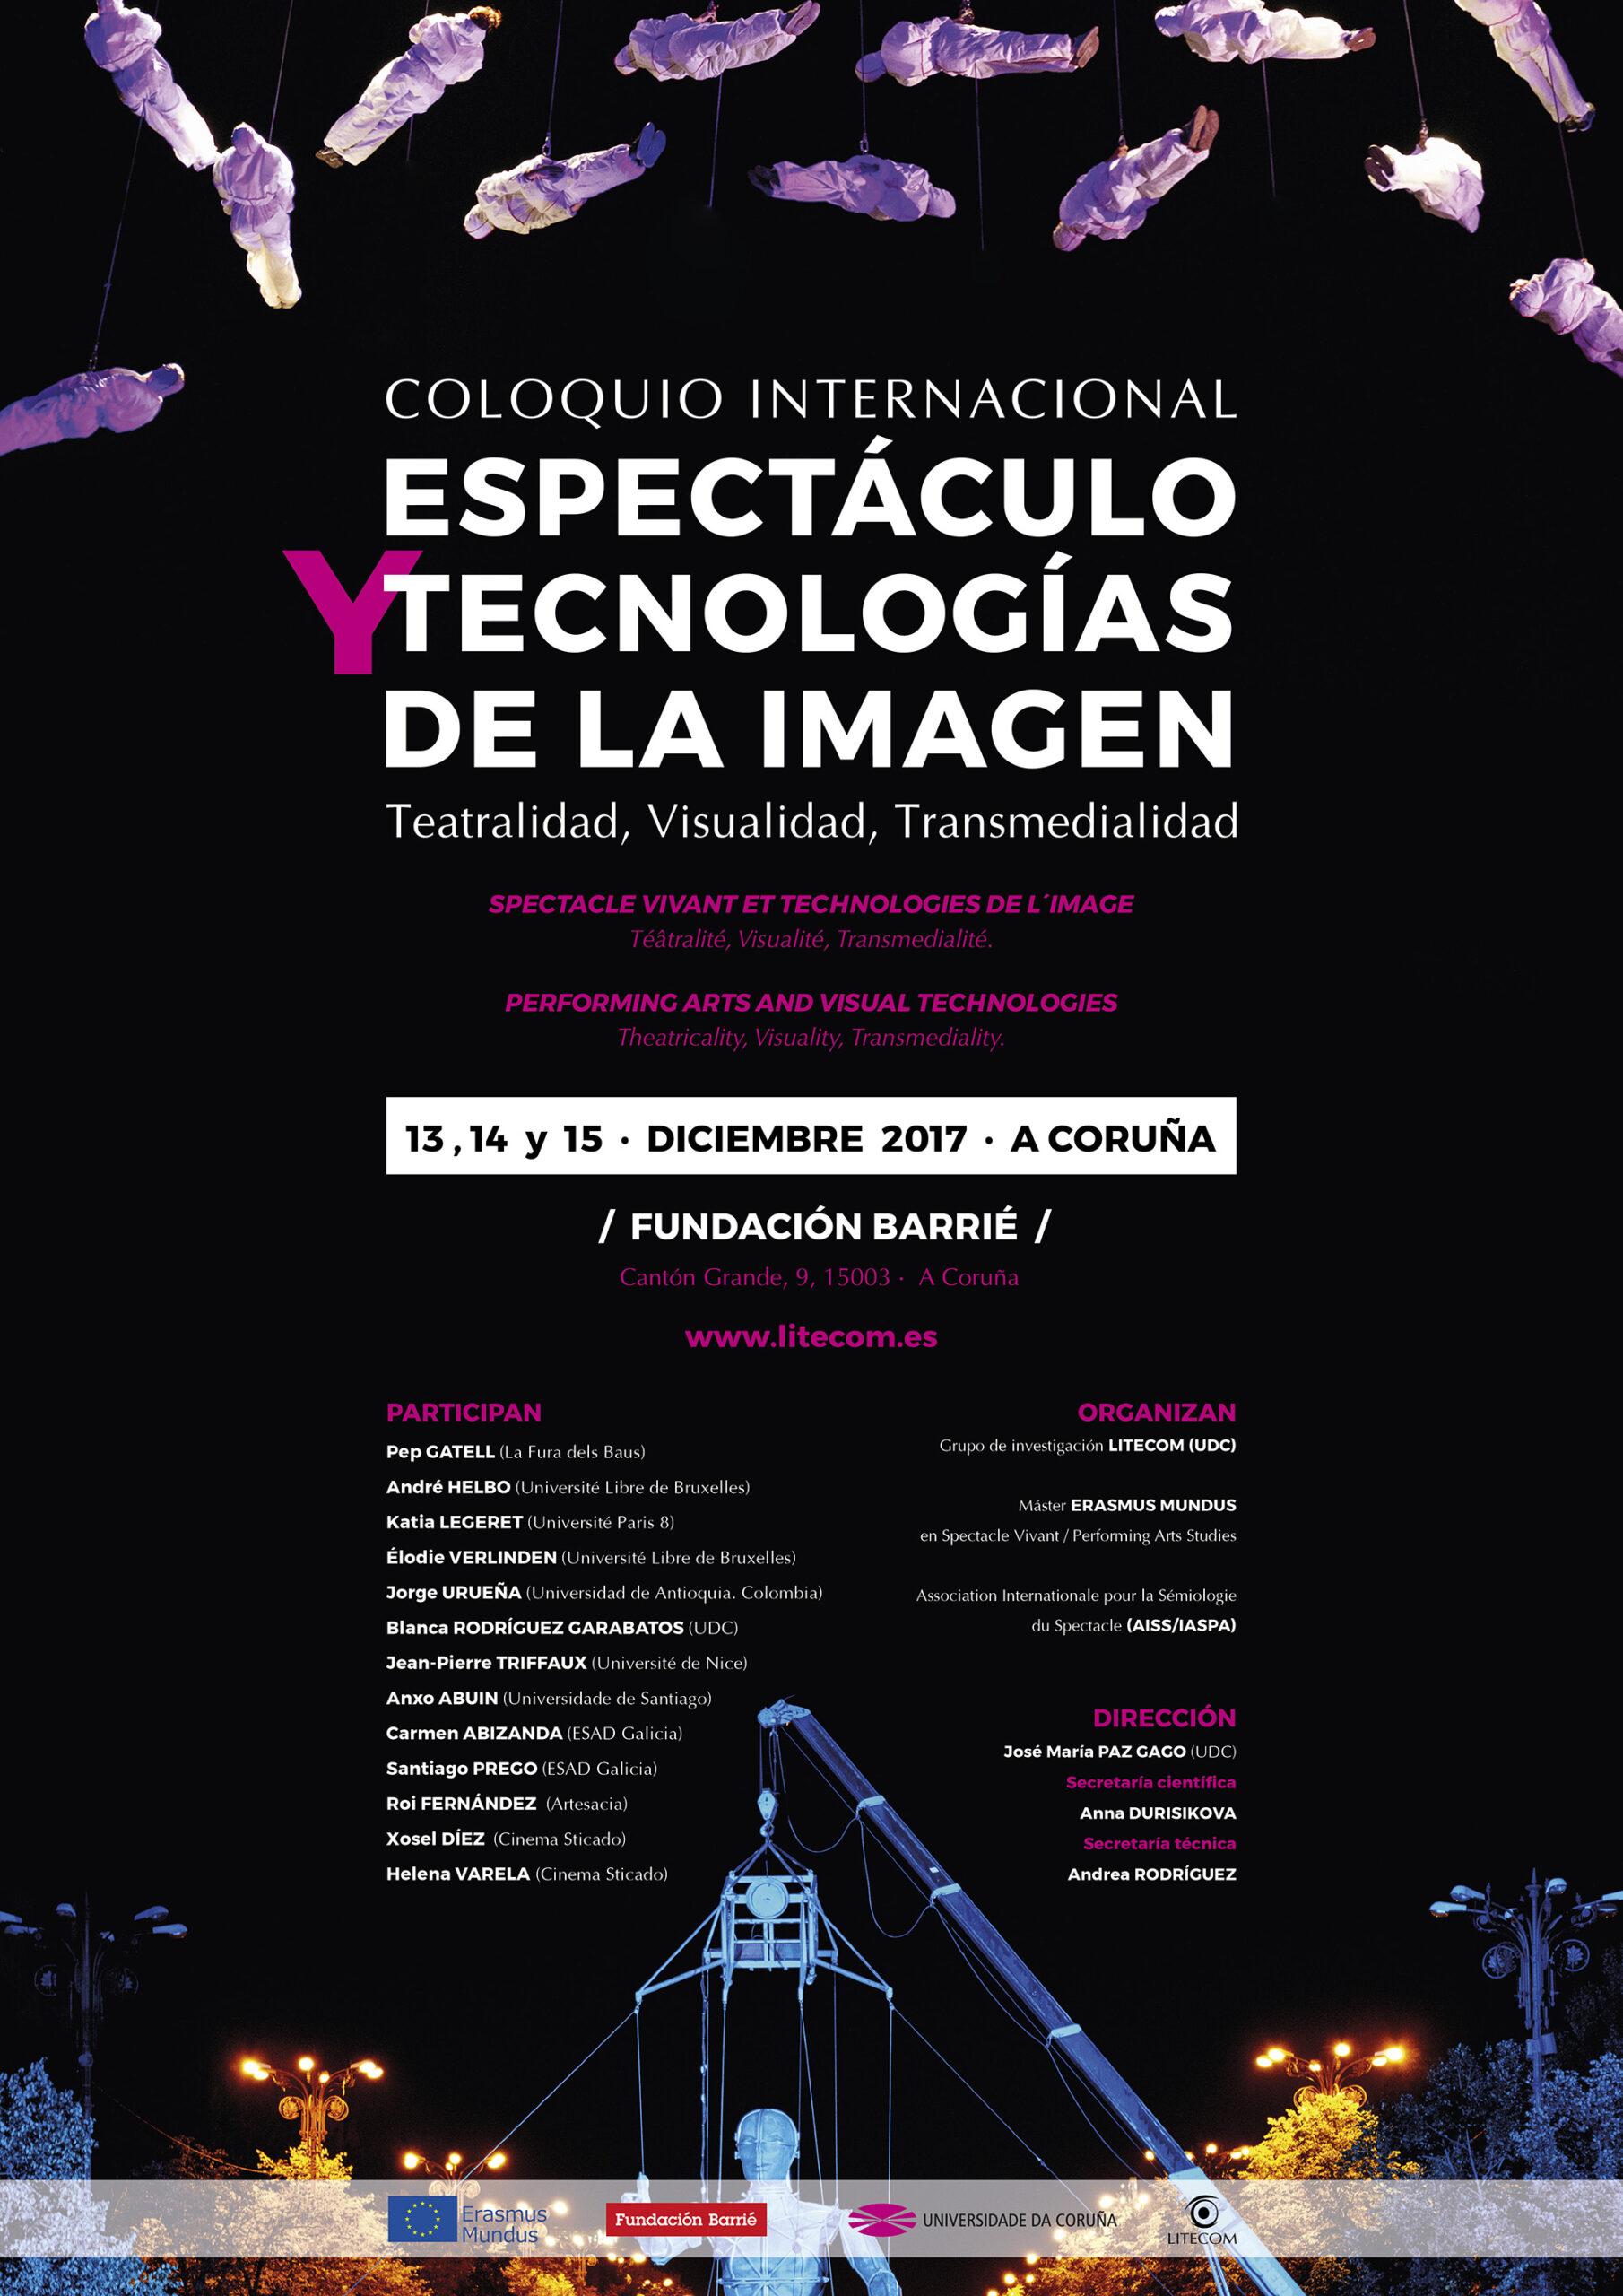 Coloquio Internacional Espectáculo y Tecnologías de la Imagen - Cartel